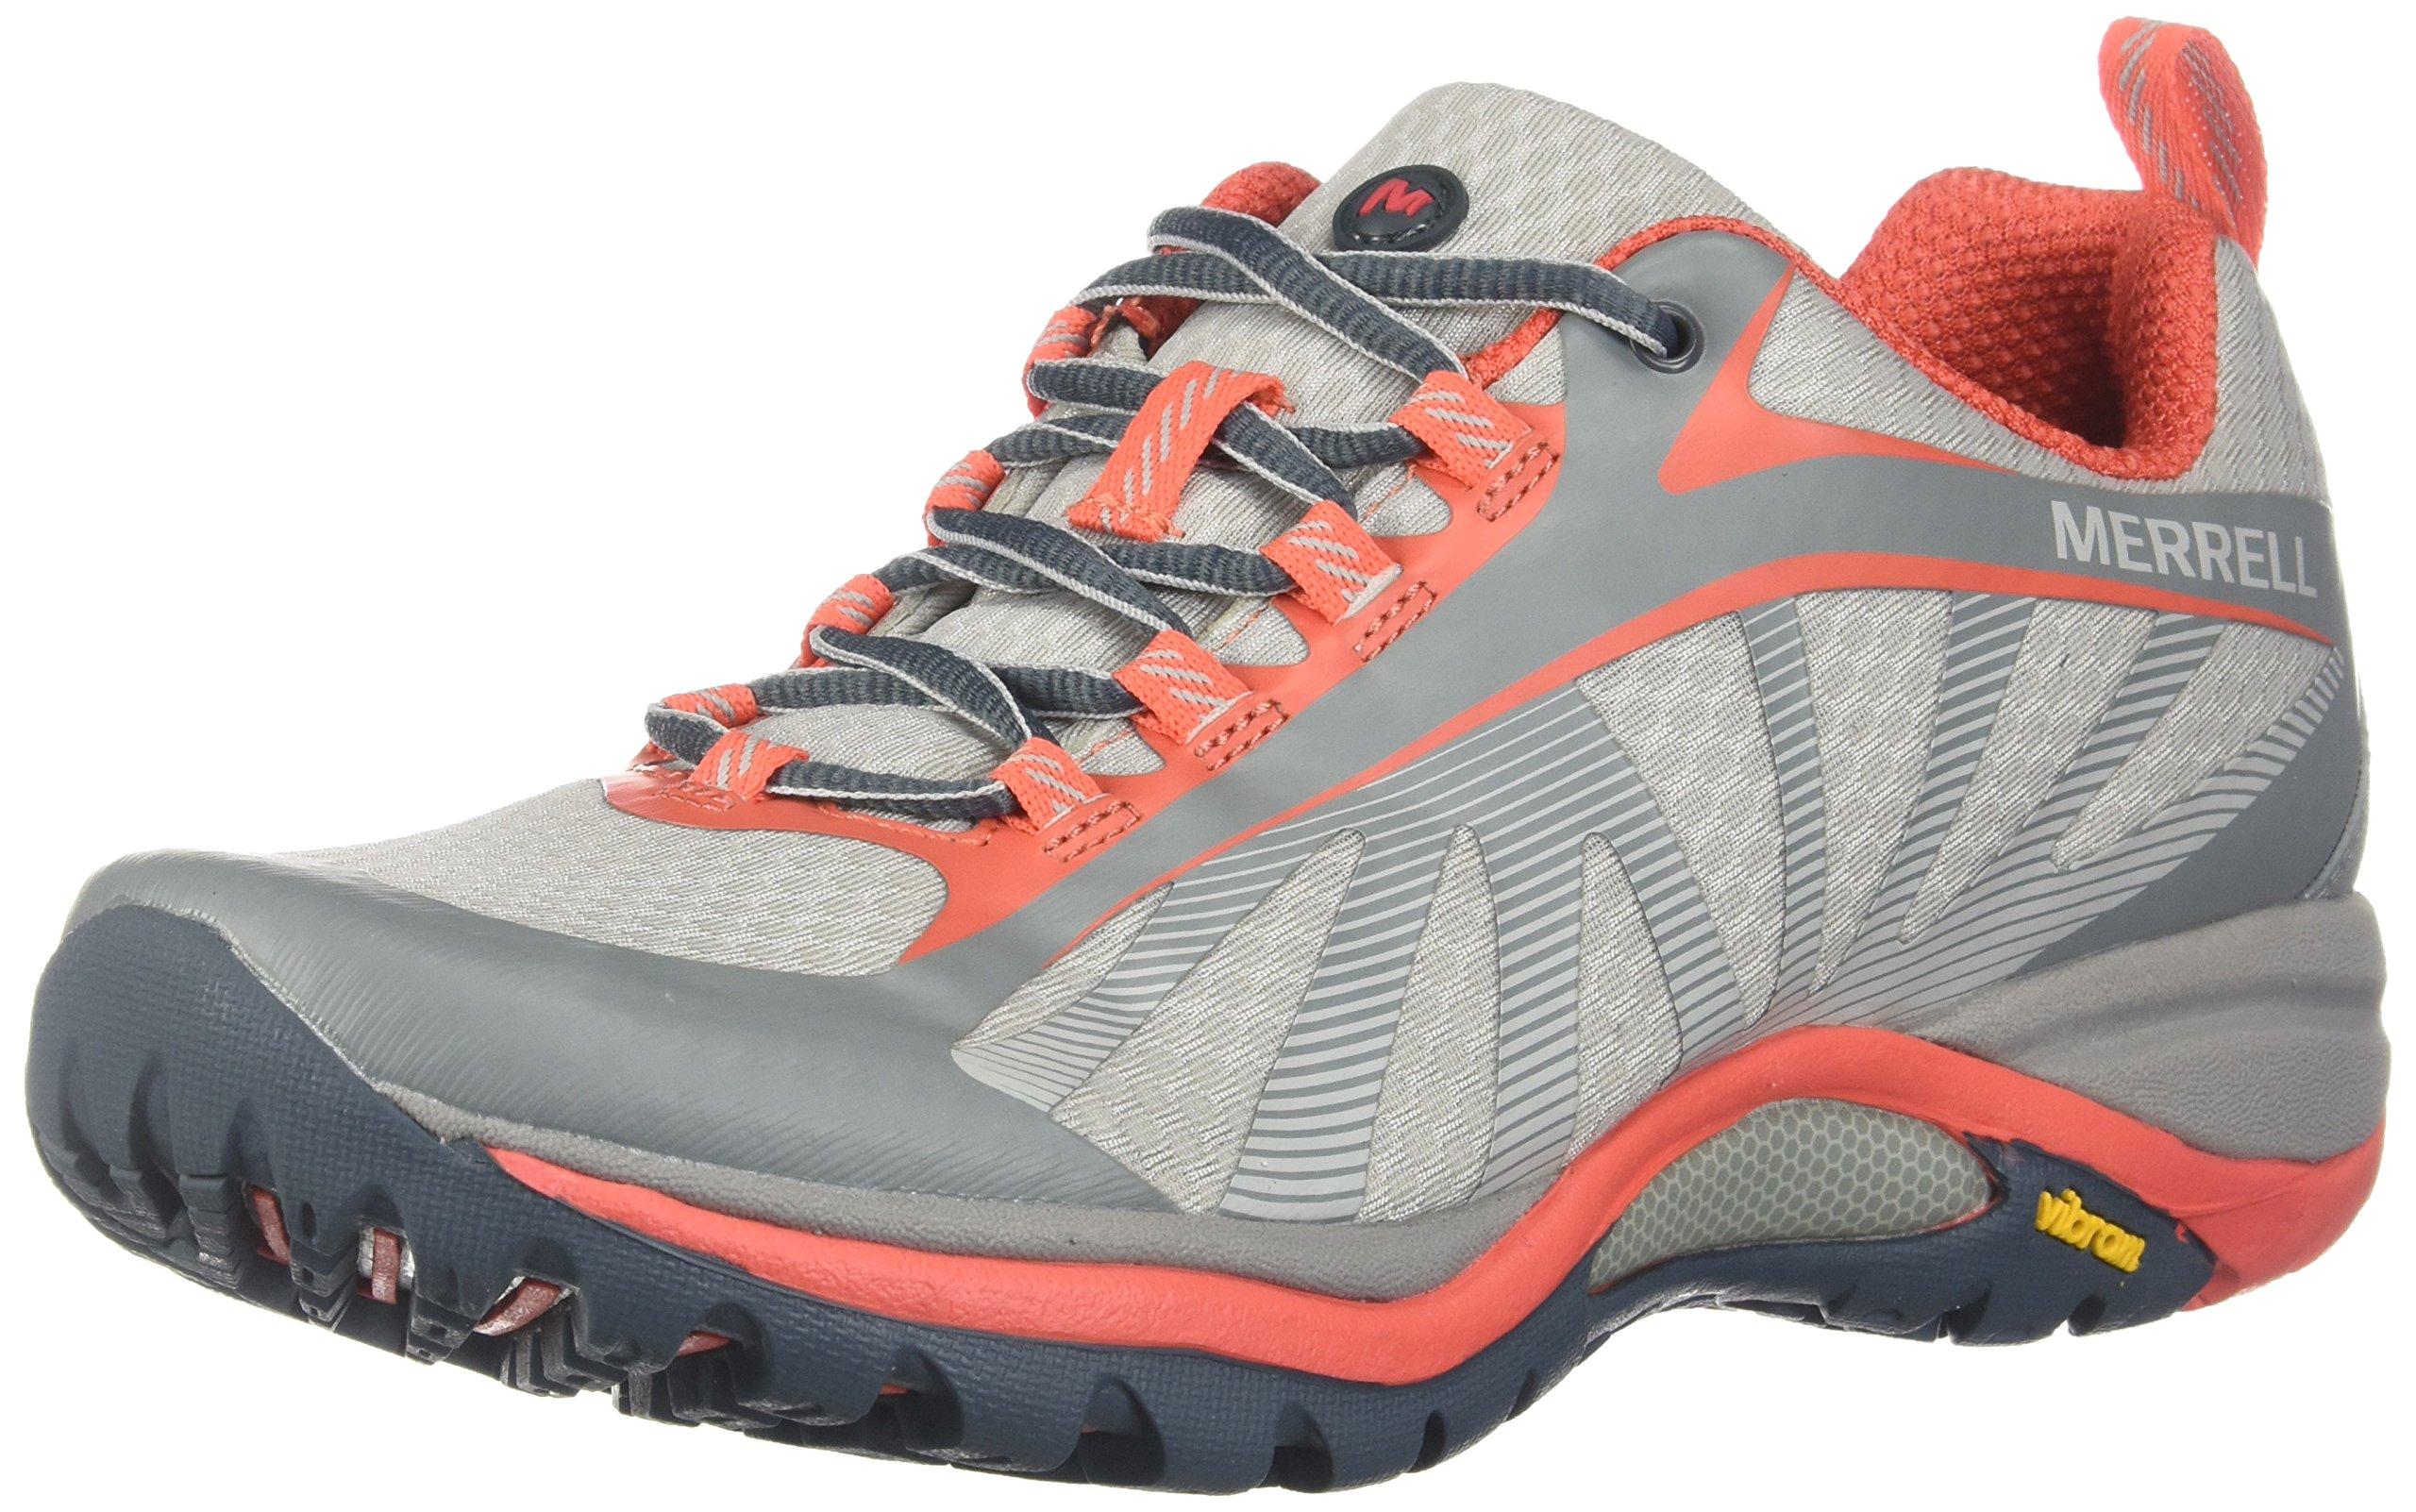 Merrell Womens Siren Edge Trail Runner, Vapor, 7 B(M) US